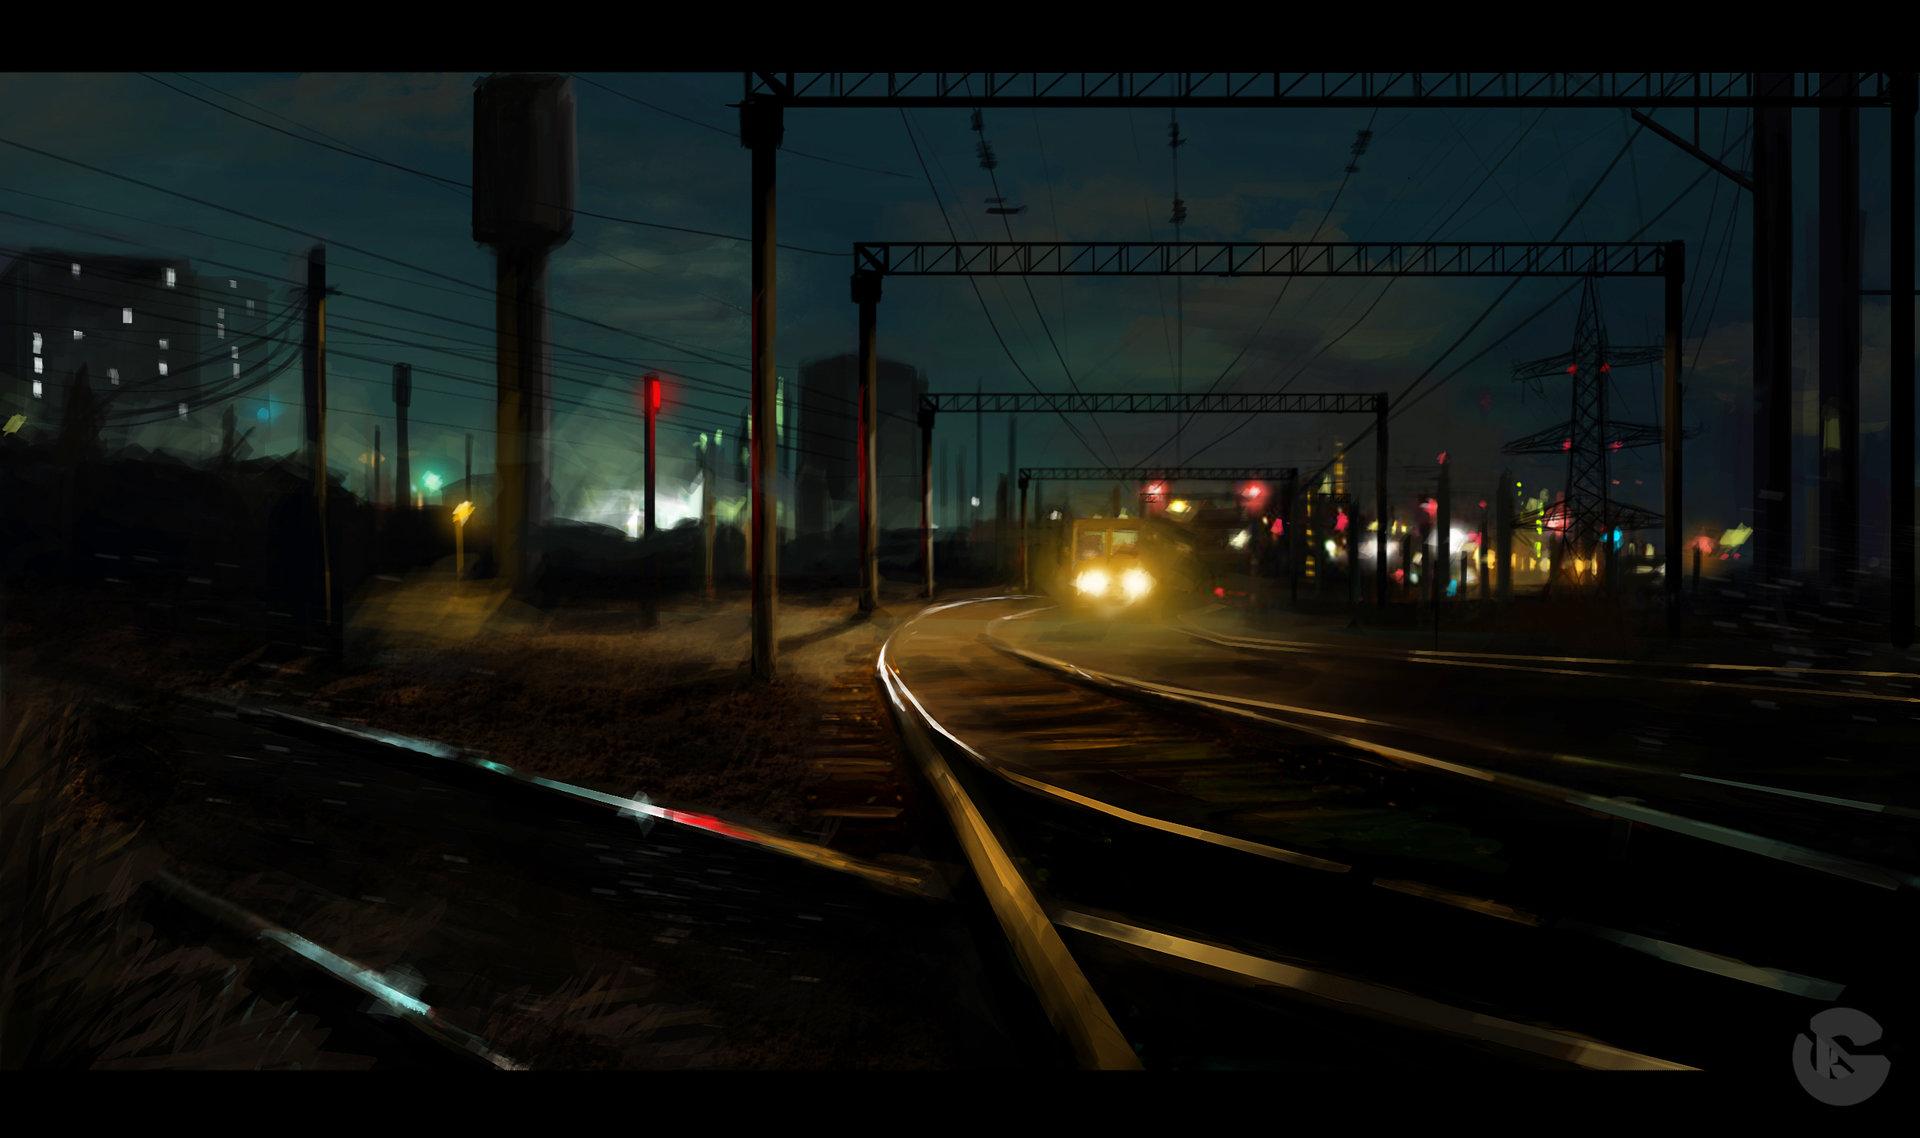 Anton skeor trainskeor22